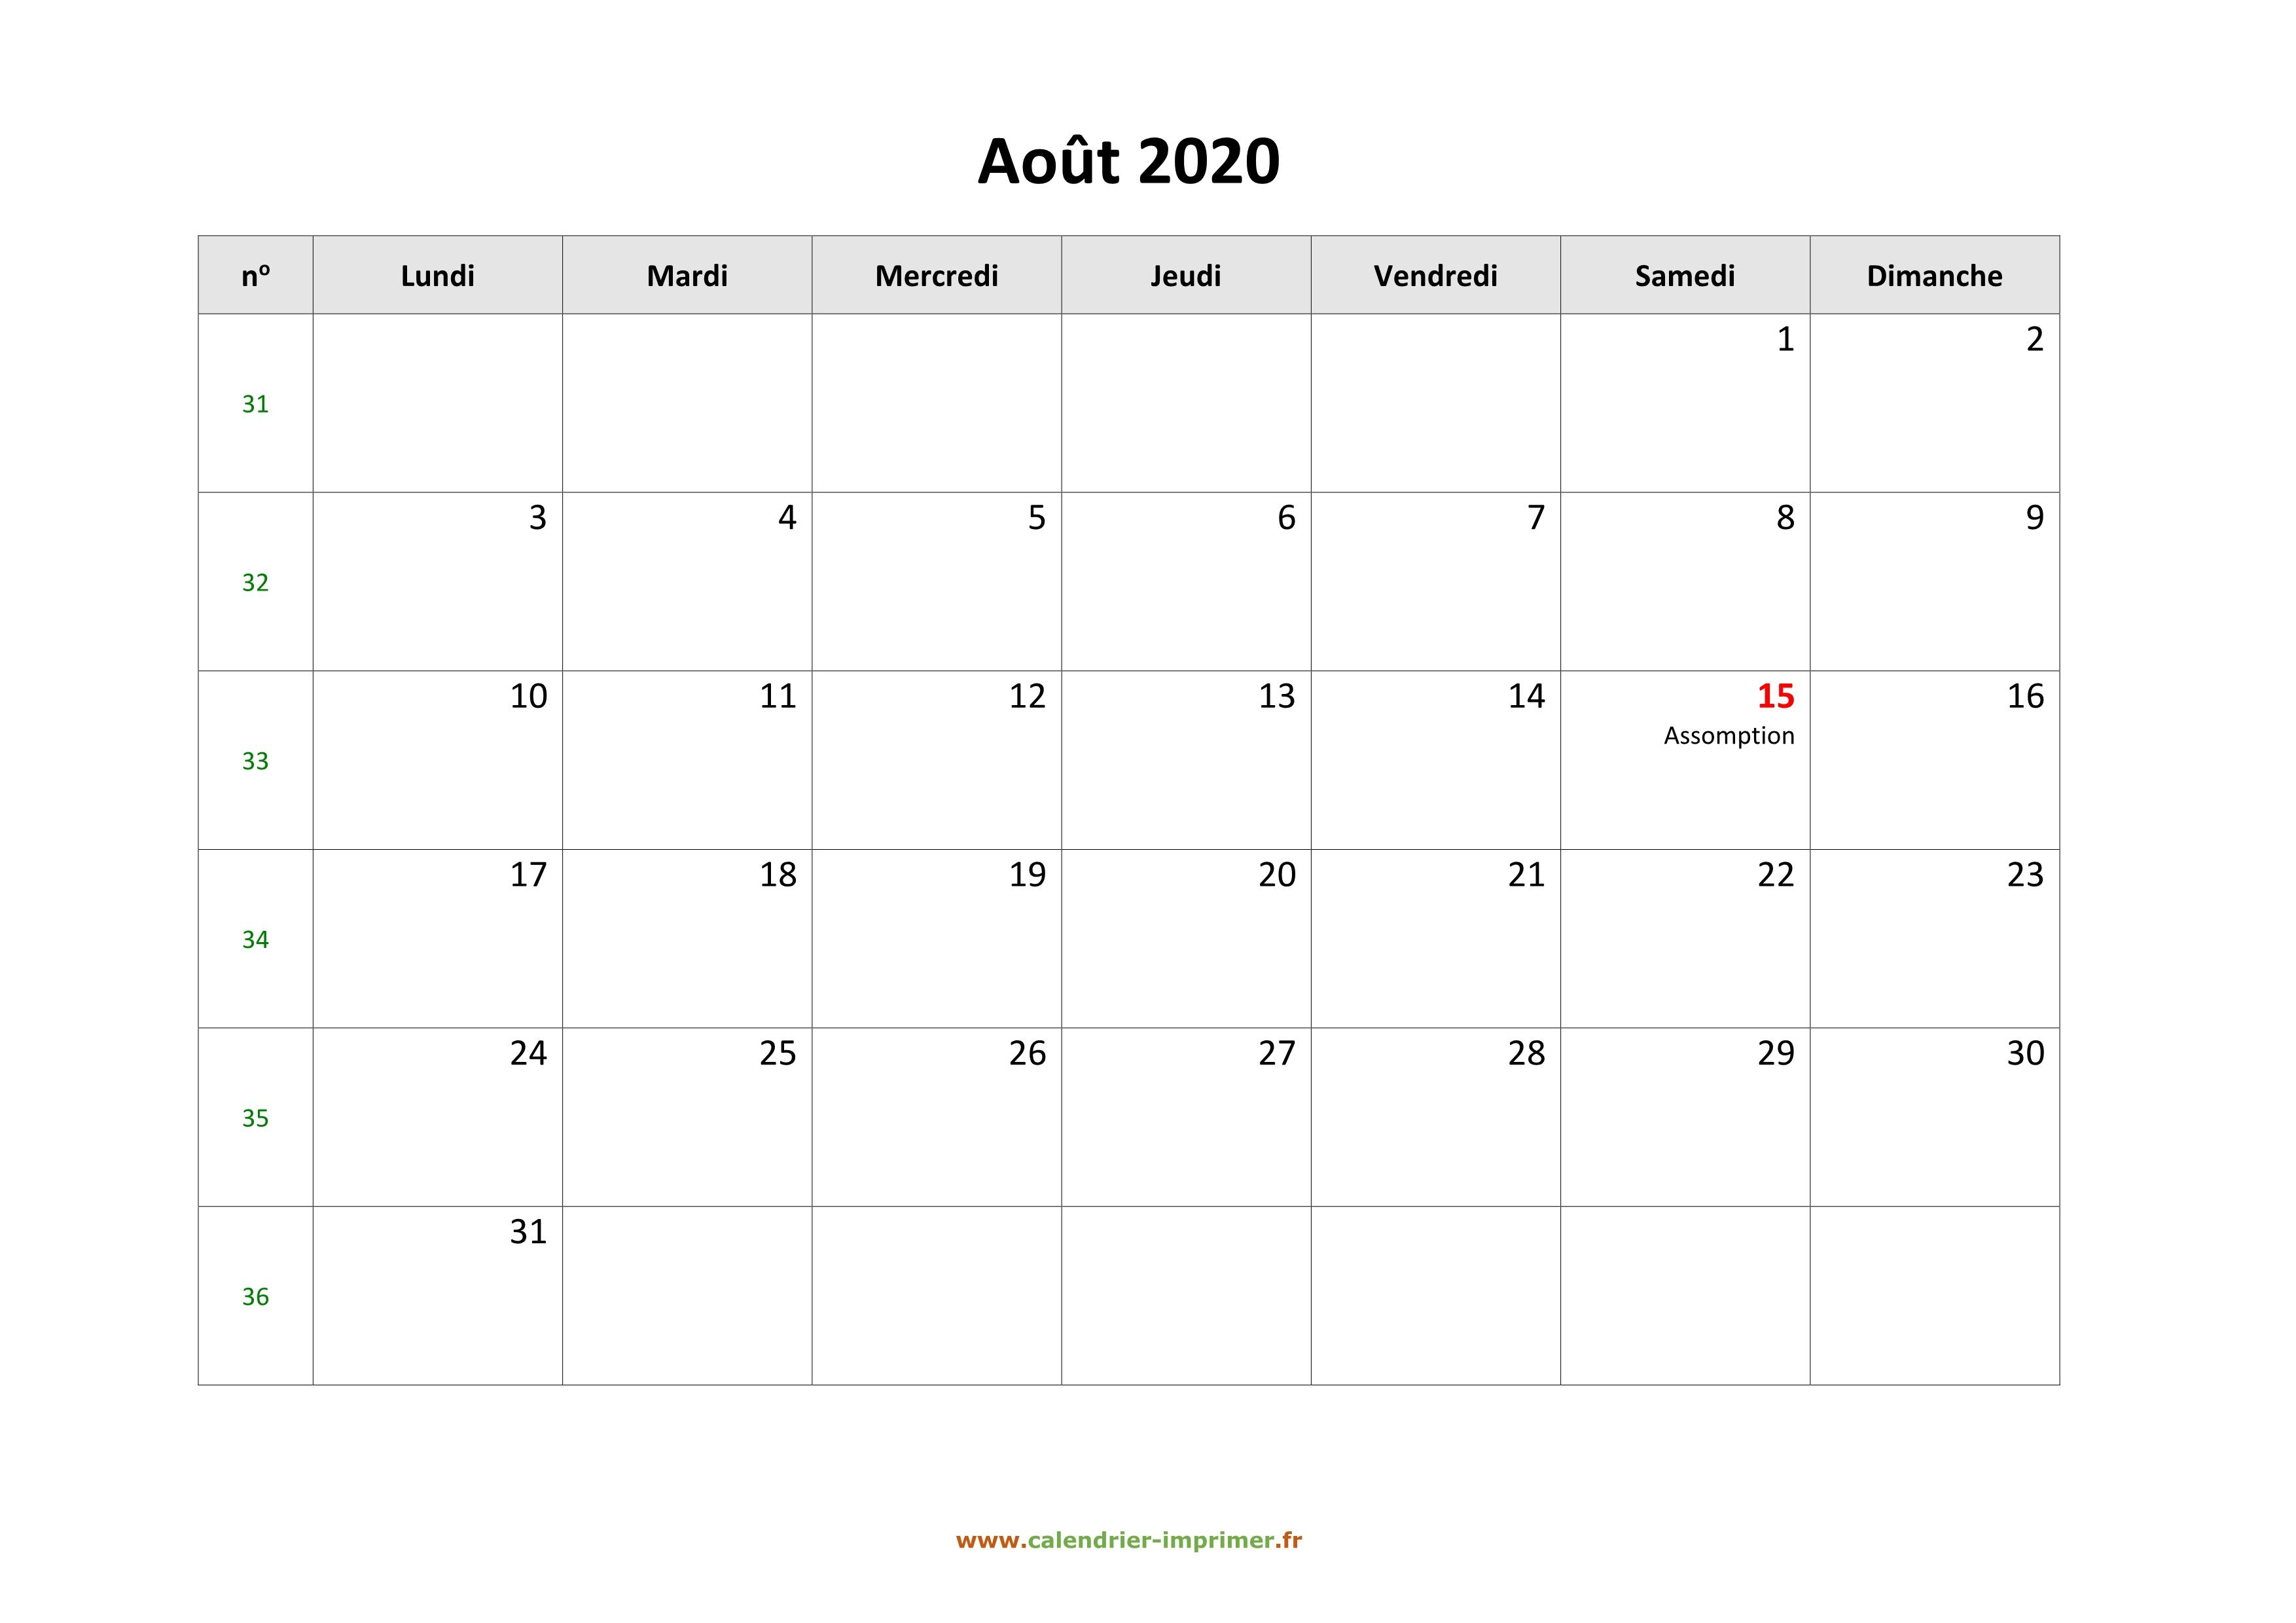 Calendrier Du Mois D Aout 2020.Calendrier Aout 2020 A Imprimer